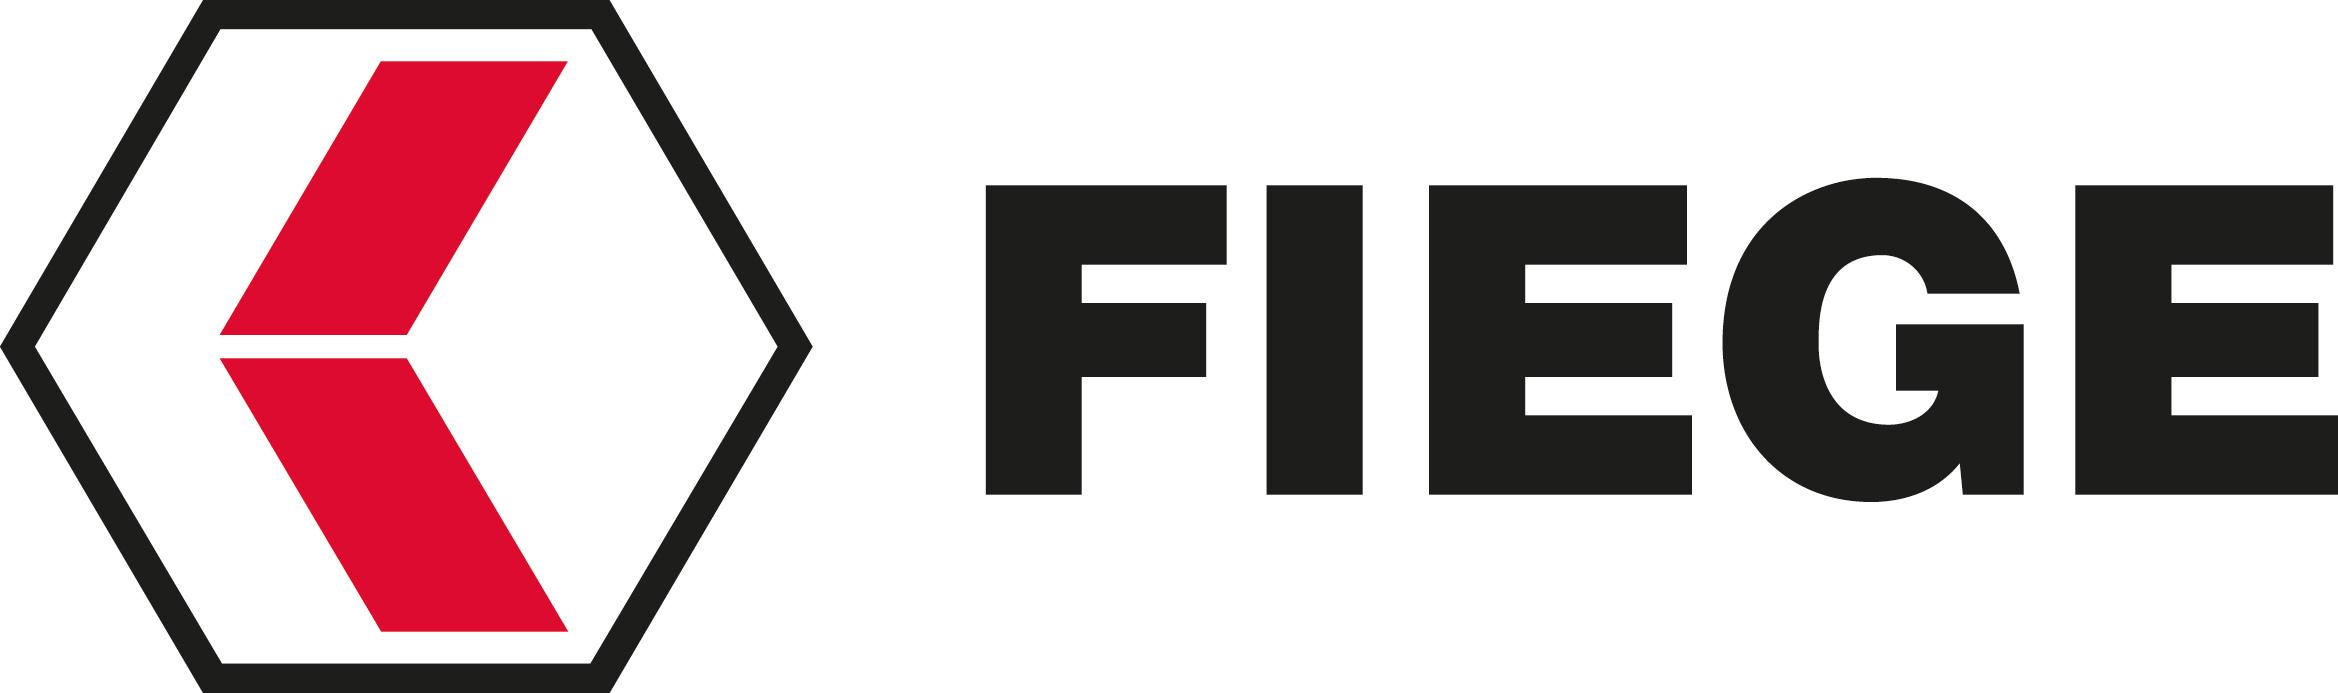 Logo-FIEGE_LOGO_ohneClaim_CMYK_aktuell.jpg